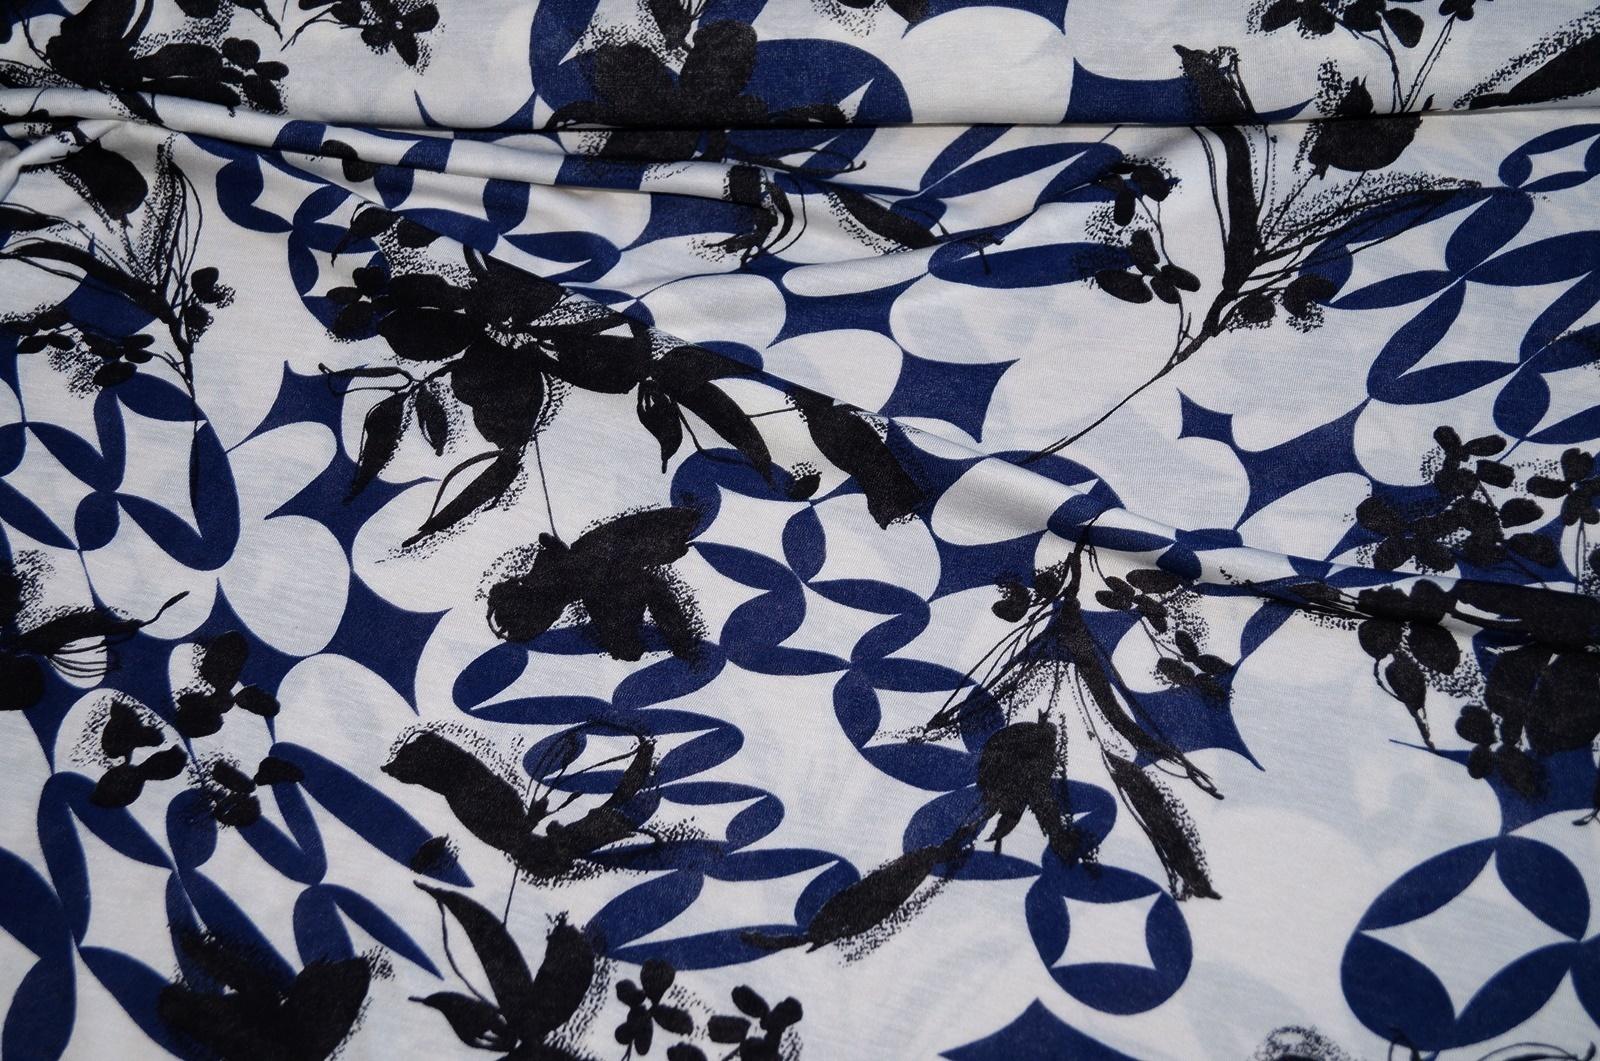 viskosejersey xxl jersey stoff viskose wei blumen schwarz blau. Black Bedroom Furniture Sets. Home Design Ideas